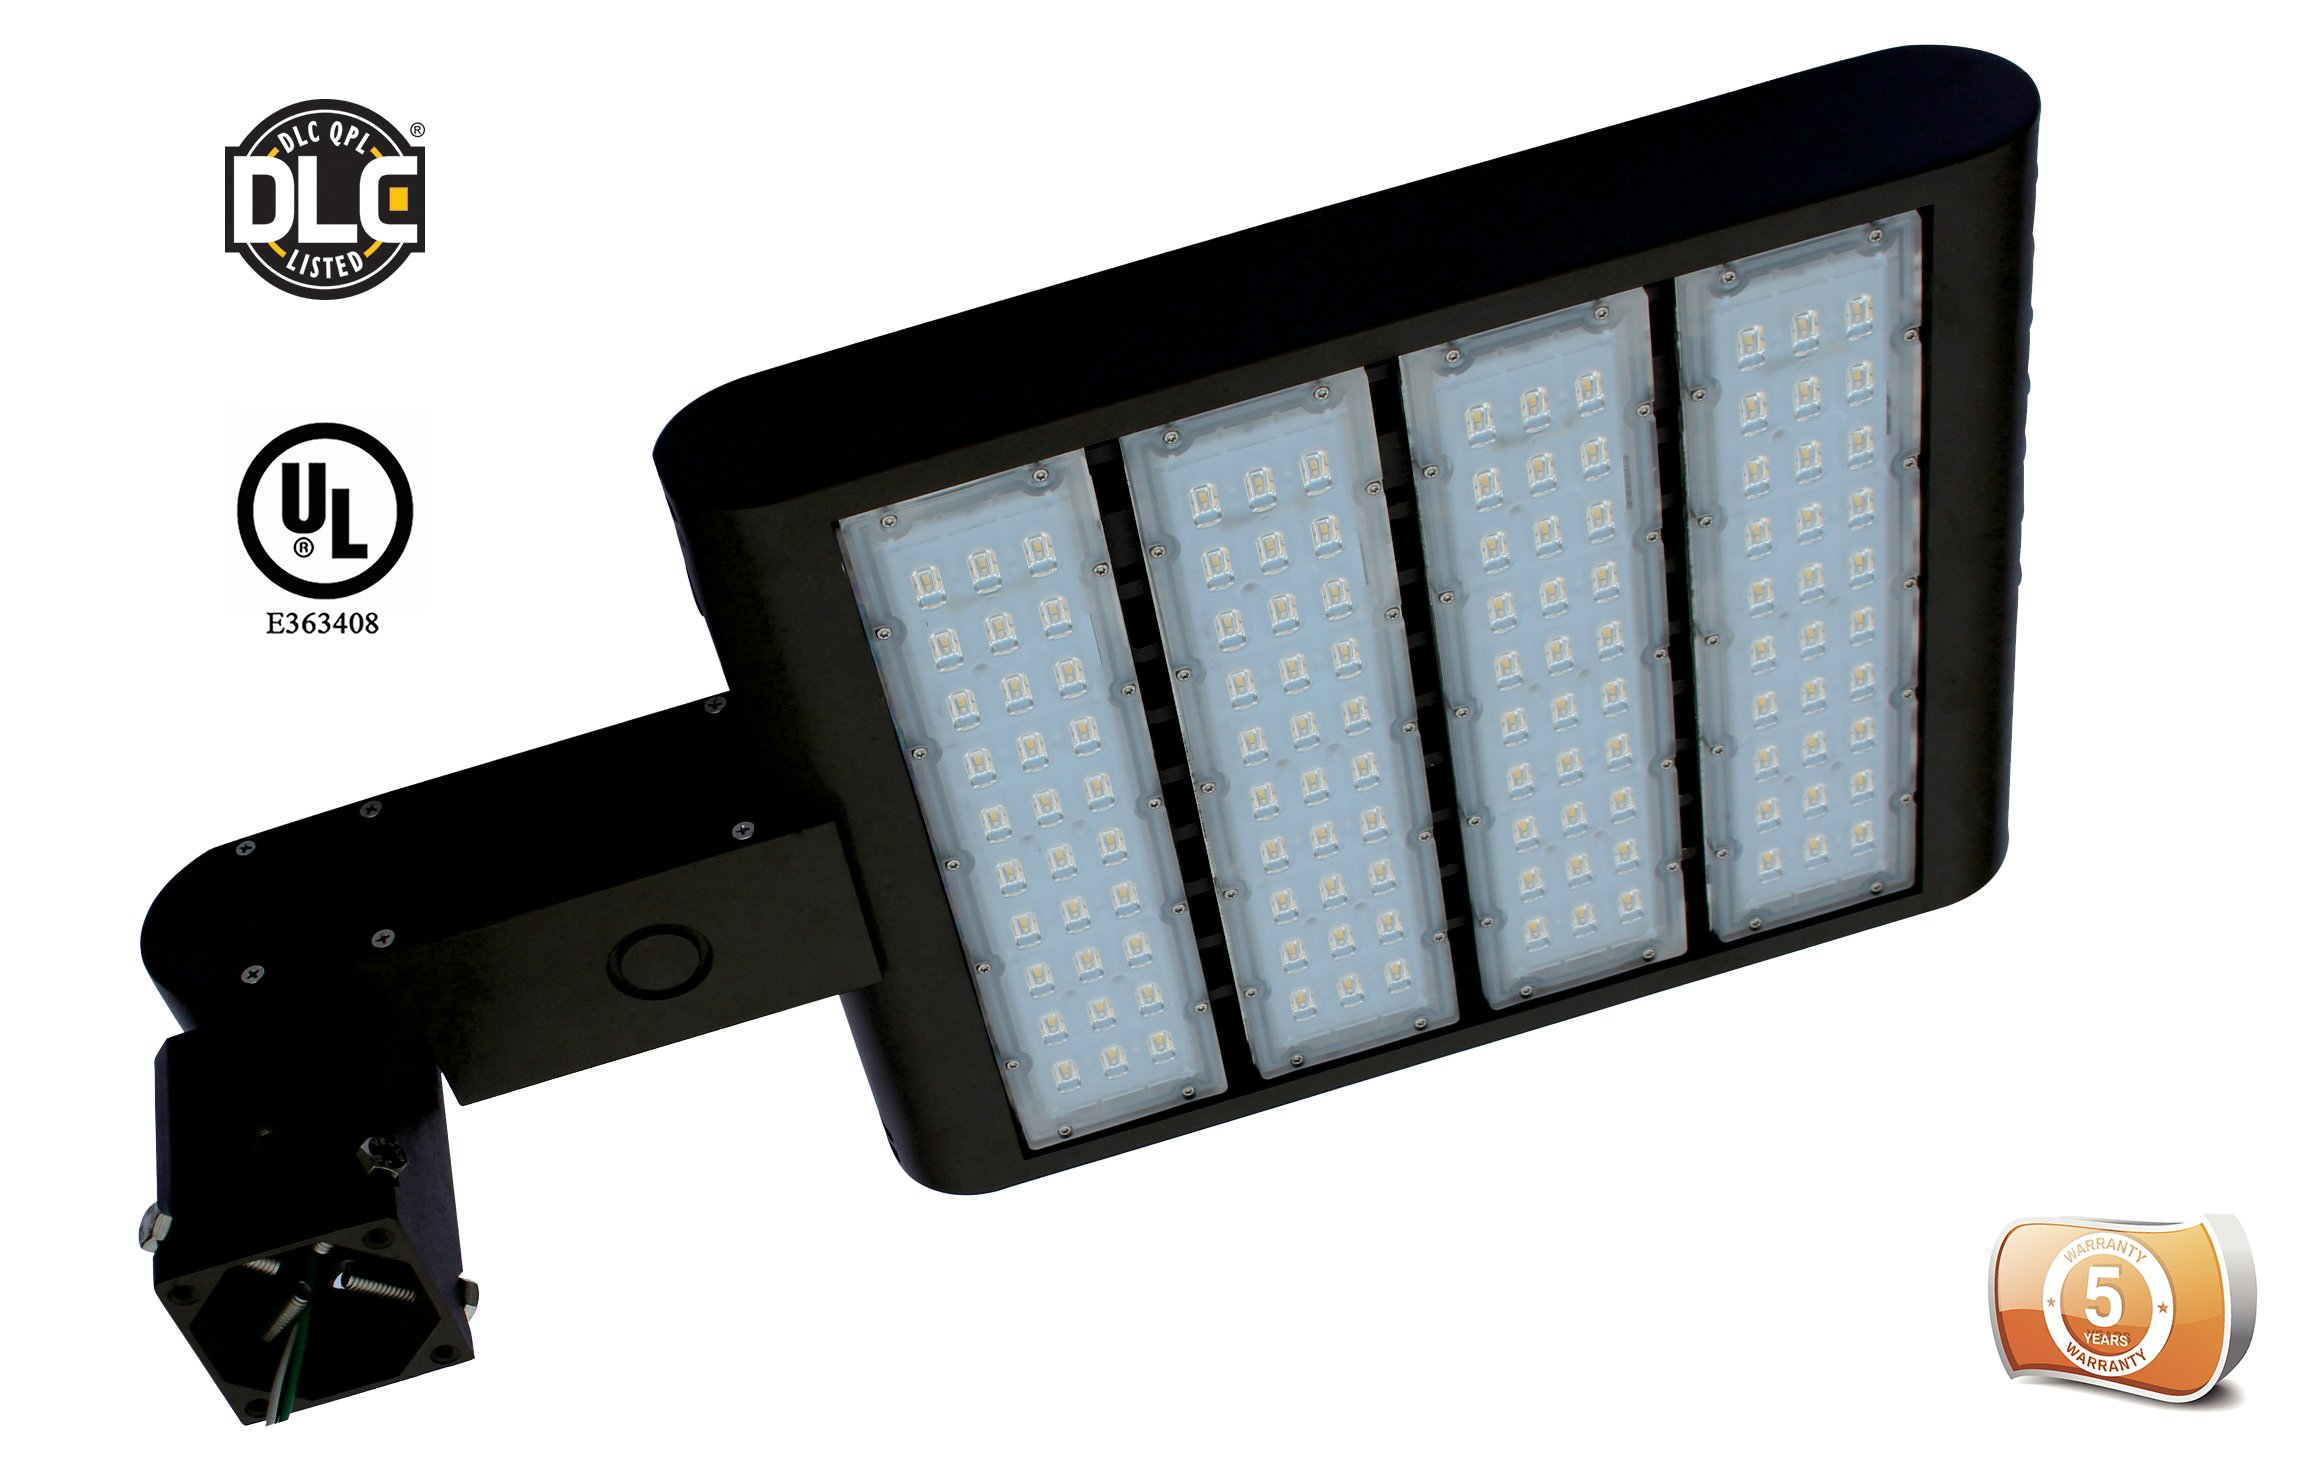 DLC-Listed LEDrock 300 Watt LED Exterior Area Light, 4000K Neutral White, 120V-277V, Comparable to 1,000W MH, 30,857 Lumens, Slipfitter Mount Area Light, UL, Warranty Based in Denver, CO, USA by LEDrock